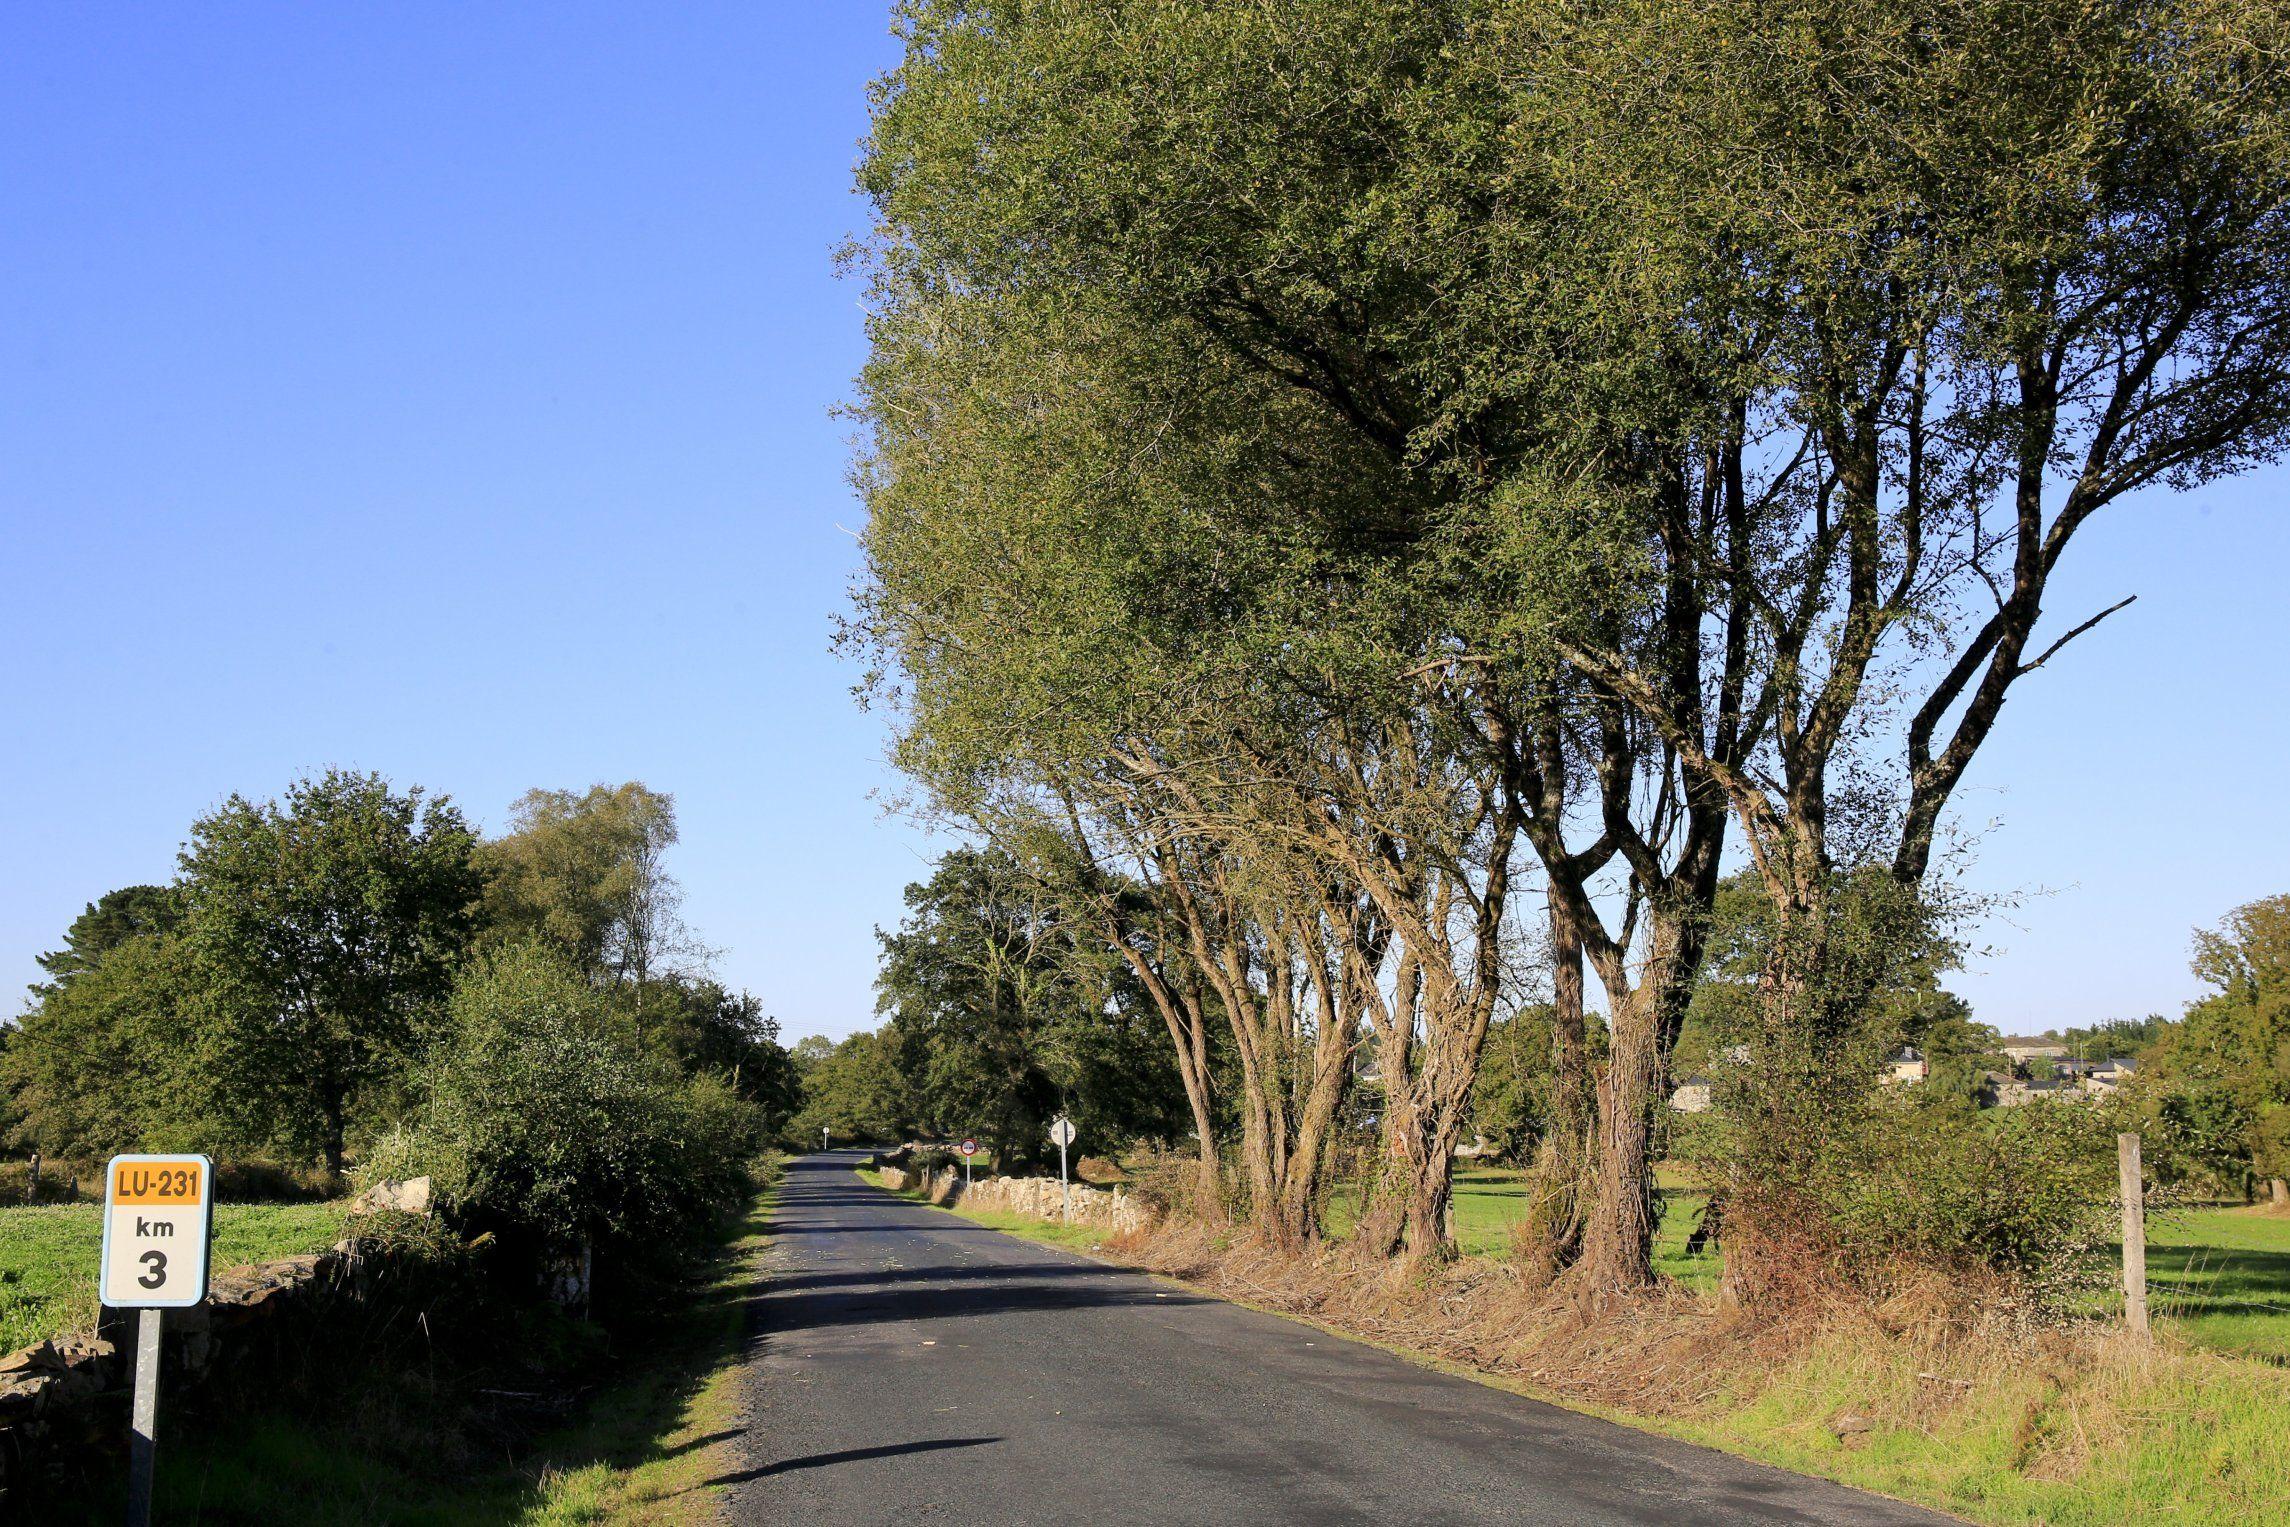 Las obras del enlace de Remonde, que conectará la A-54 con la N-547.Imagen de la carretera en el tramo del municipio de Friol